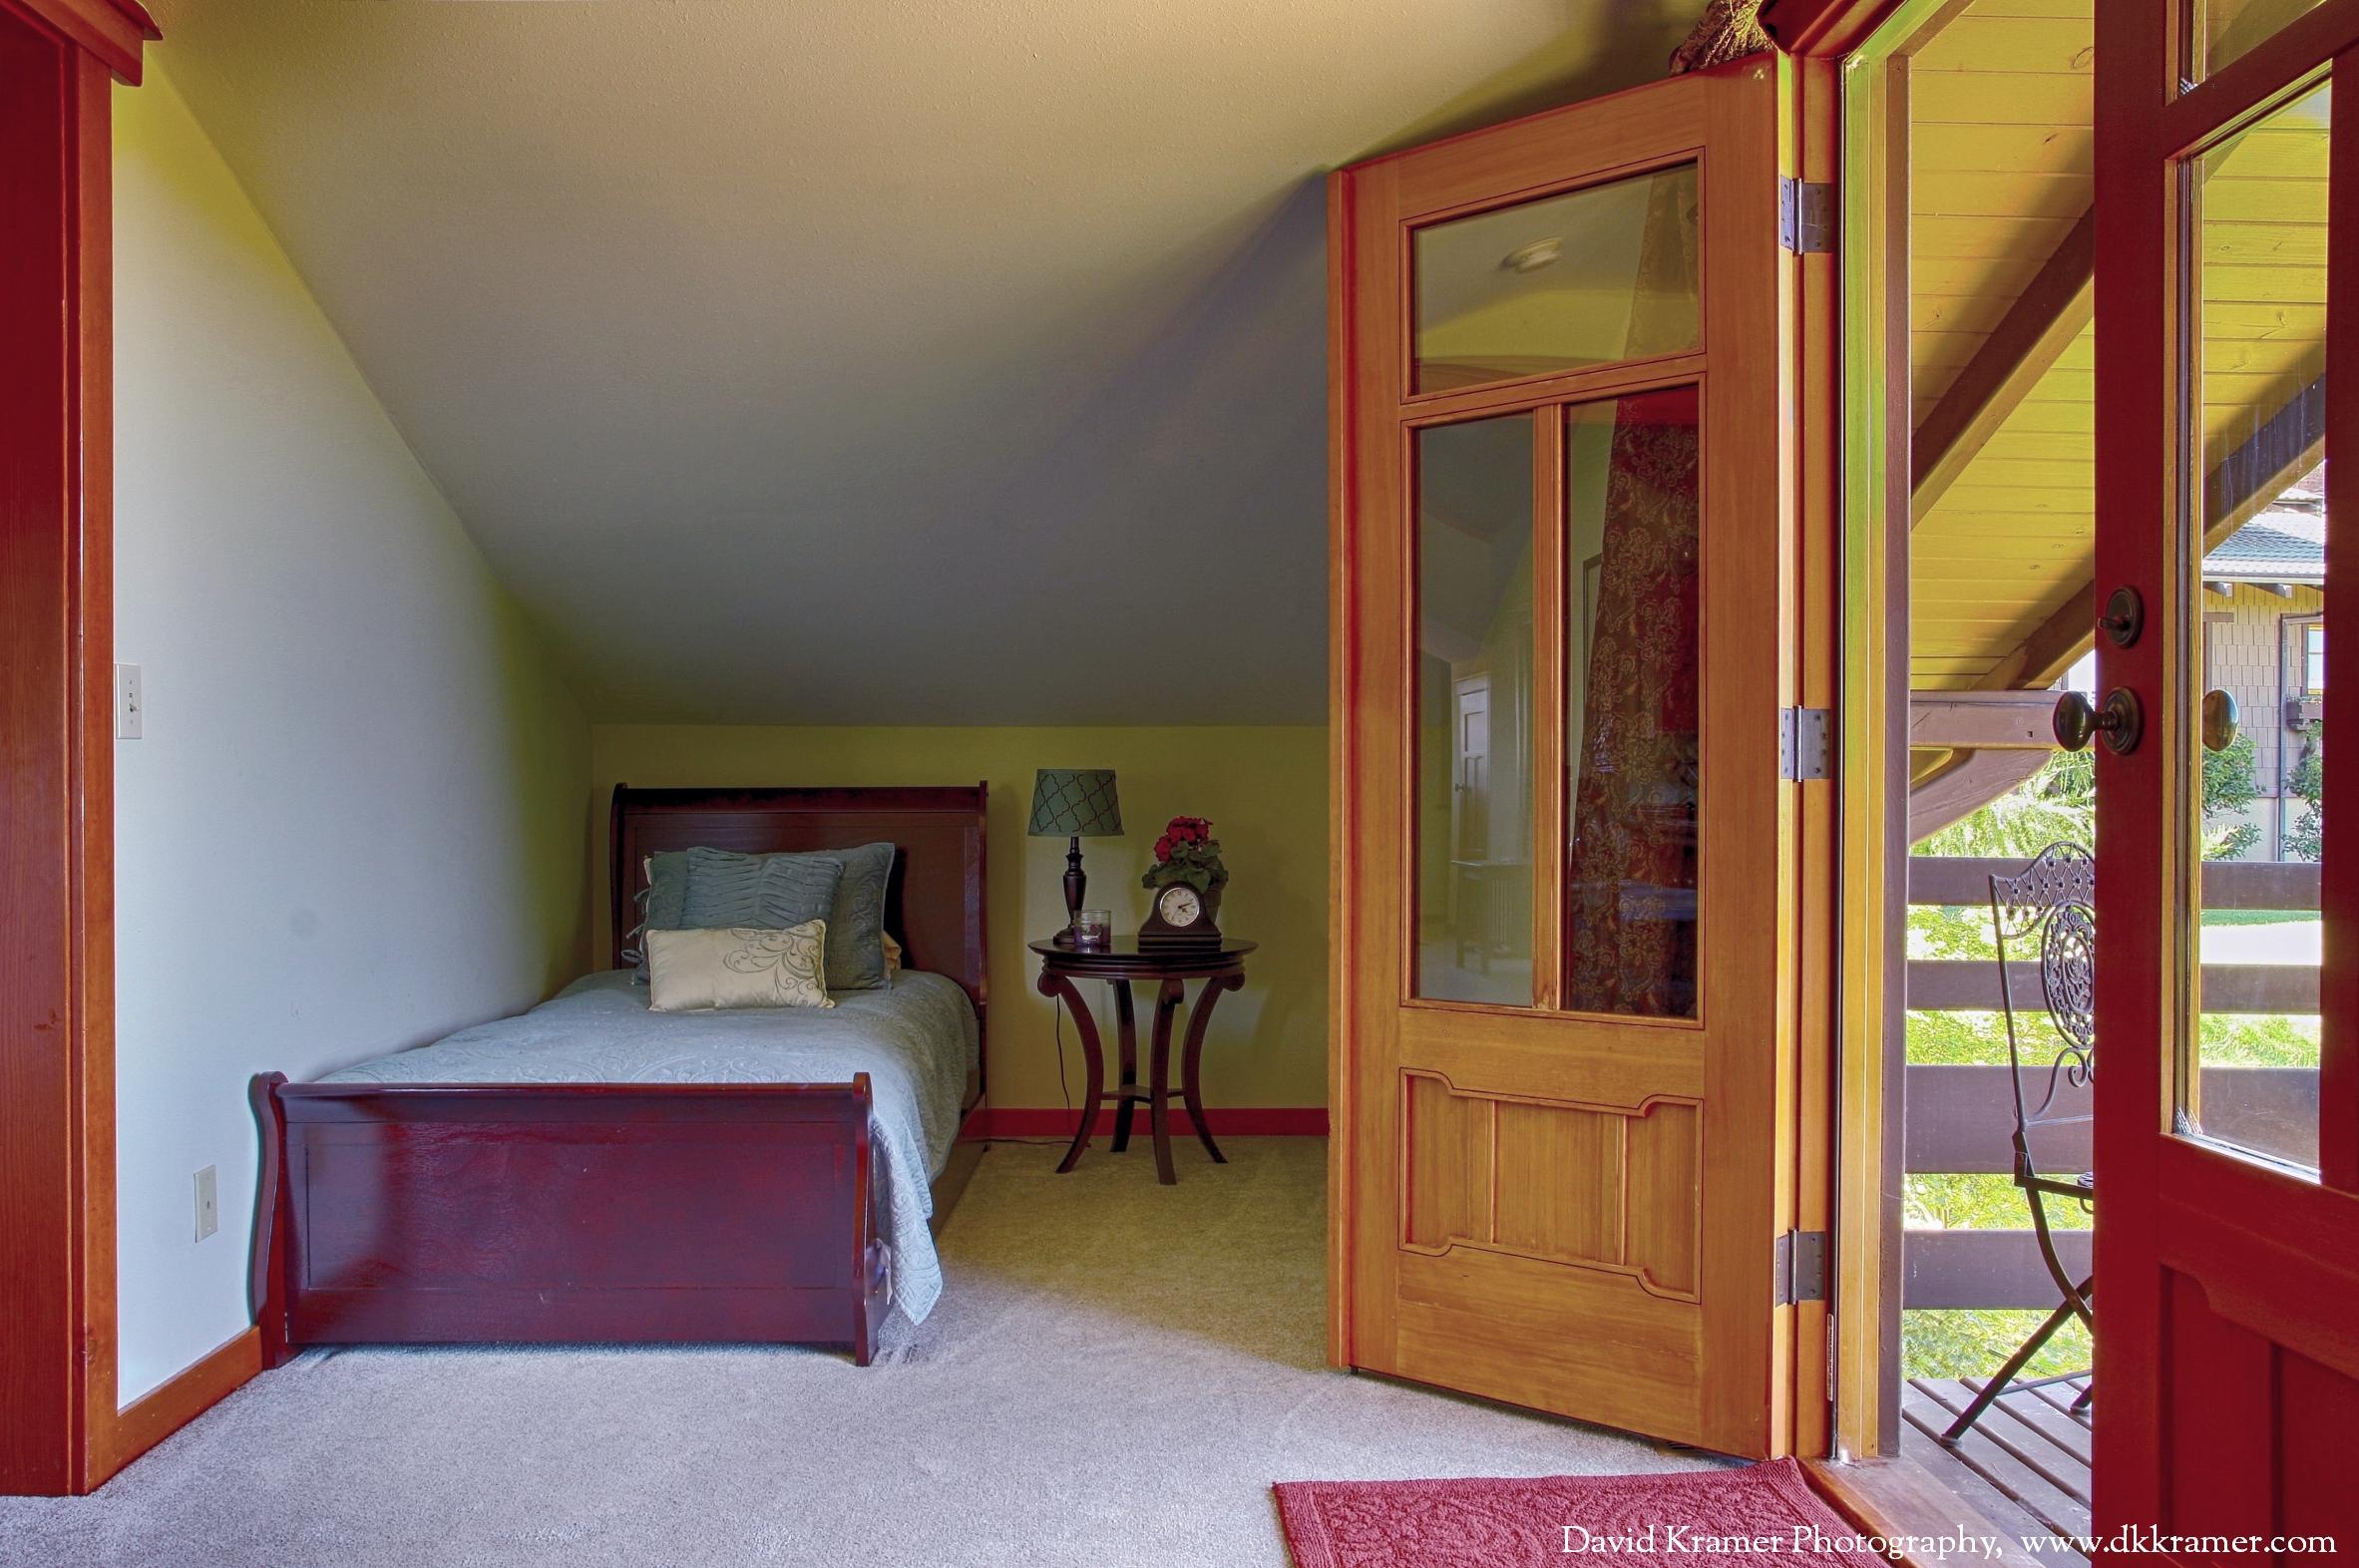 dkp-lilac-guest-house-11